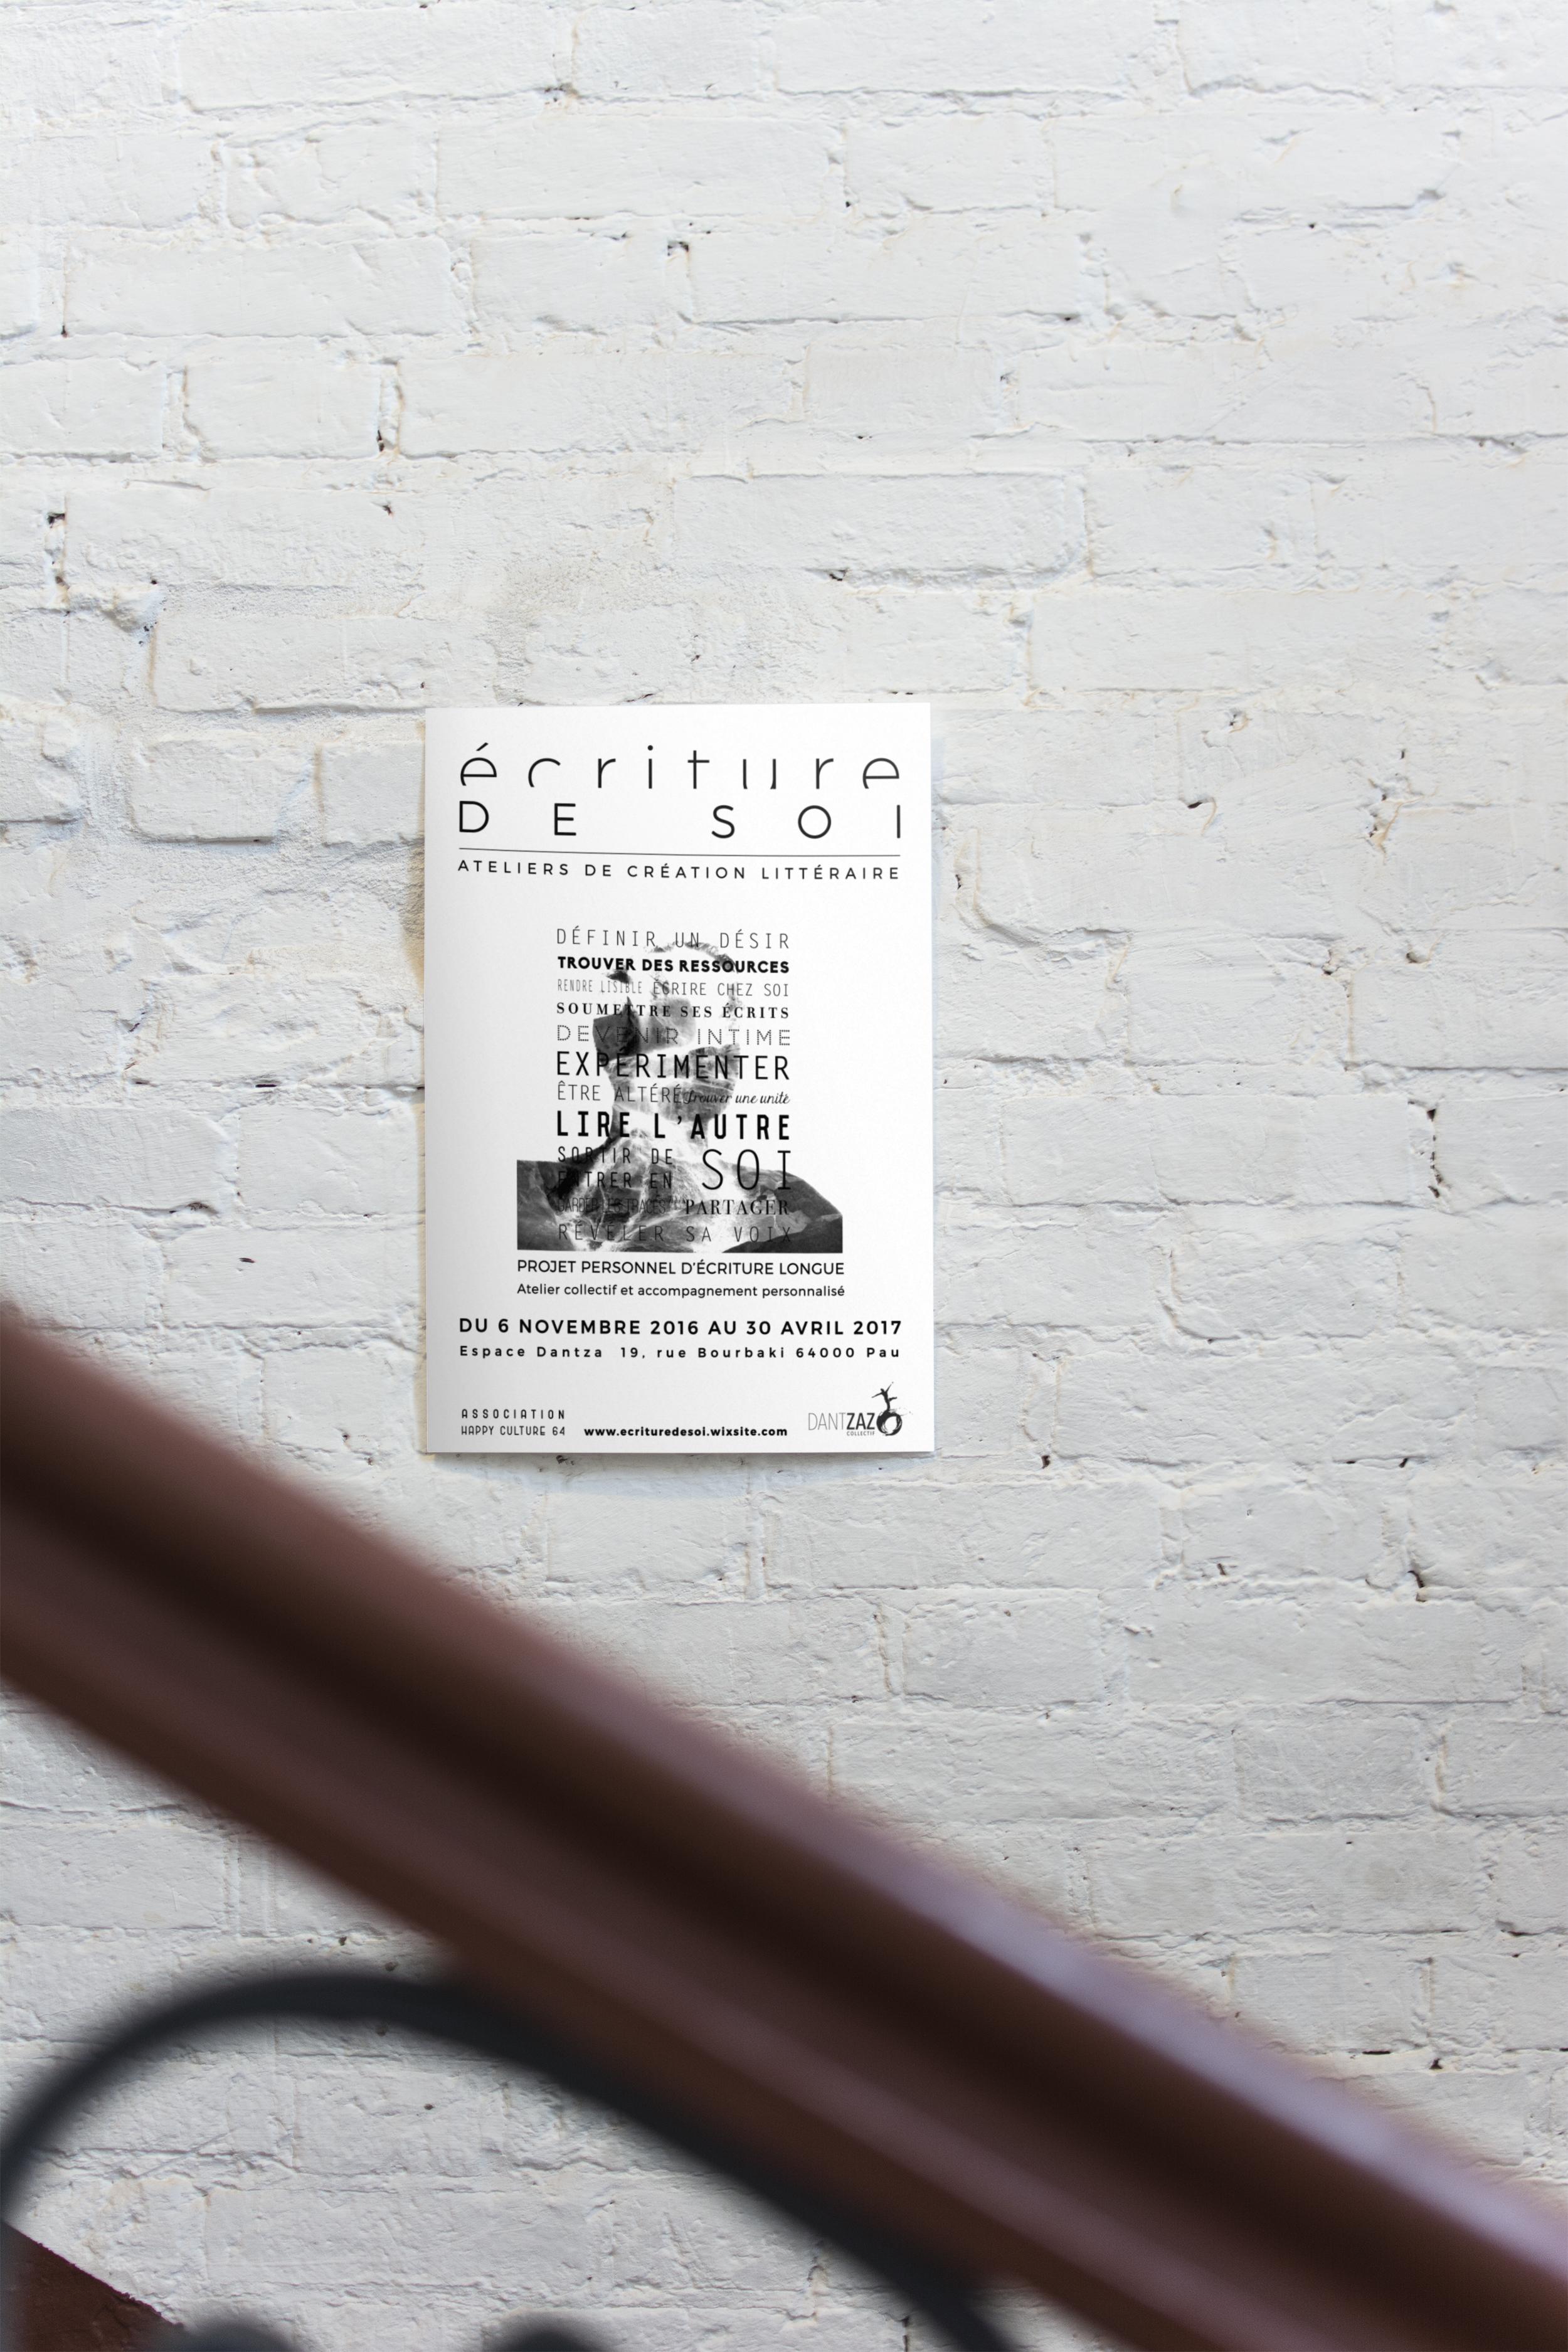 mock up lena poster mur.jpg